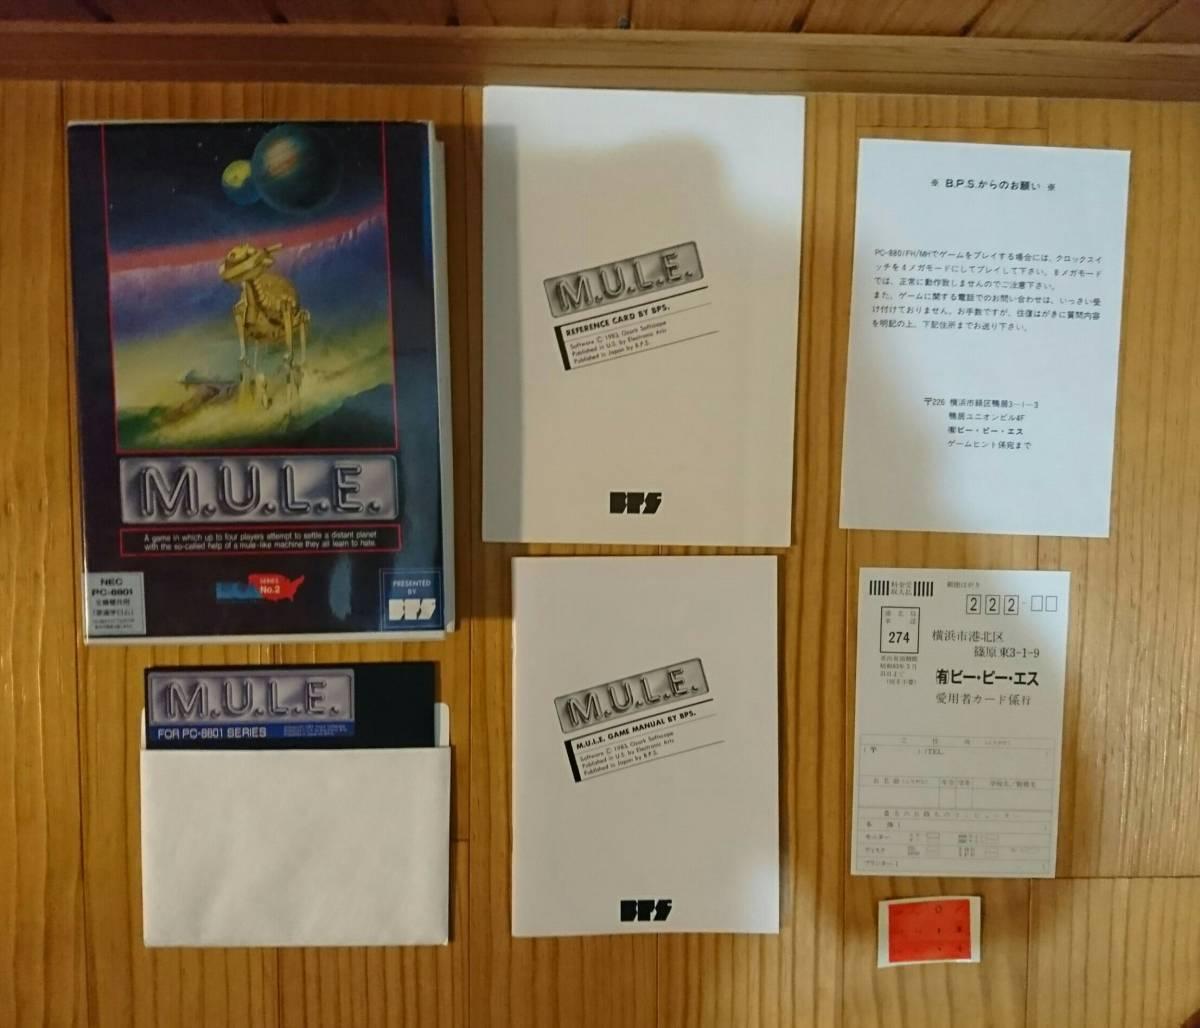 PC-8801 全機種共用(要漢字ロム) MULE ミュール BPS ストラテジックシュミレーションゲーム 昭和レトロゲーム 珍品_画像5